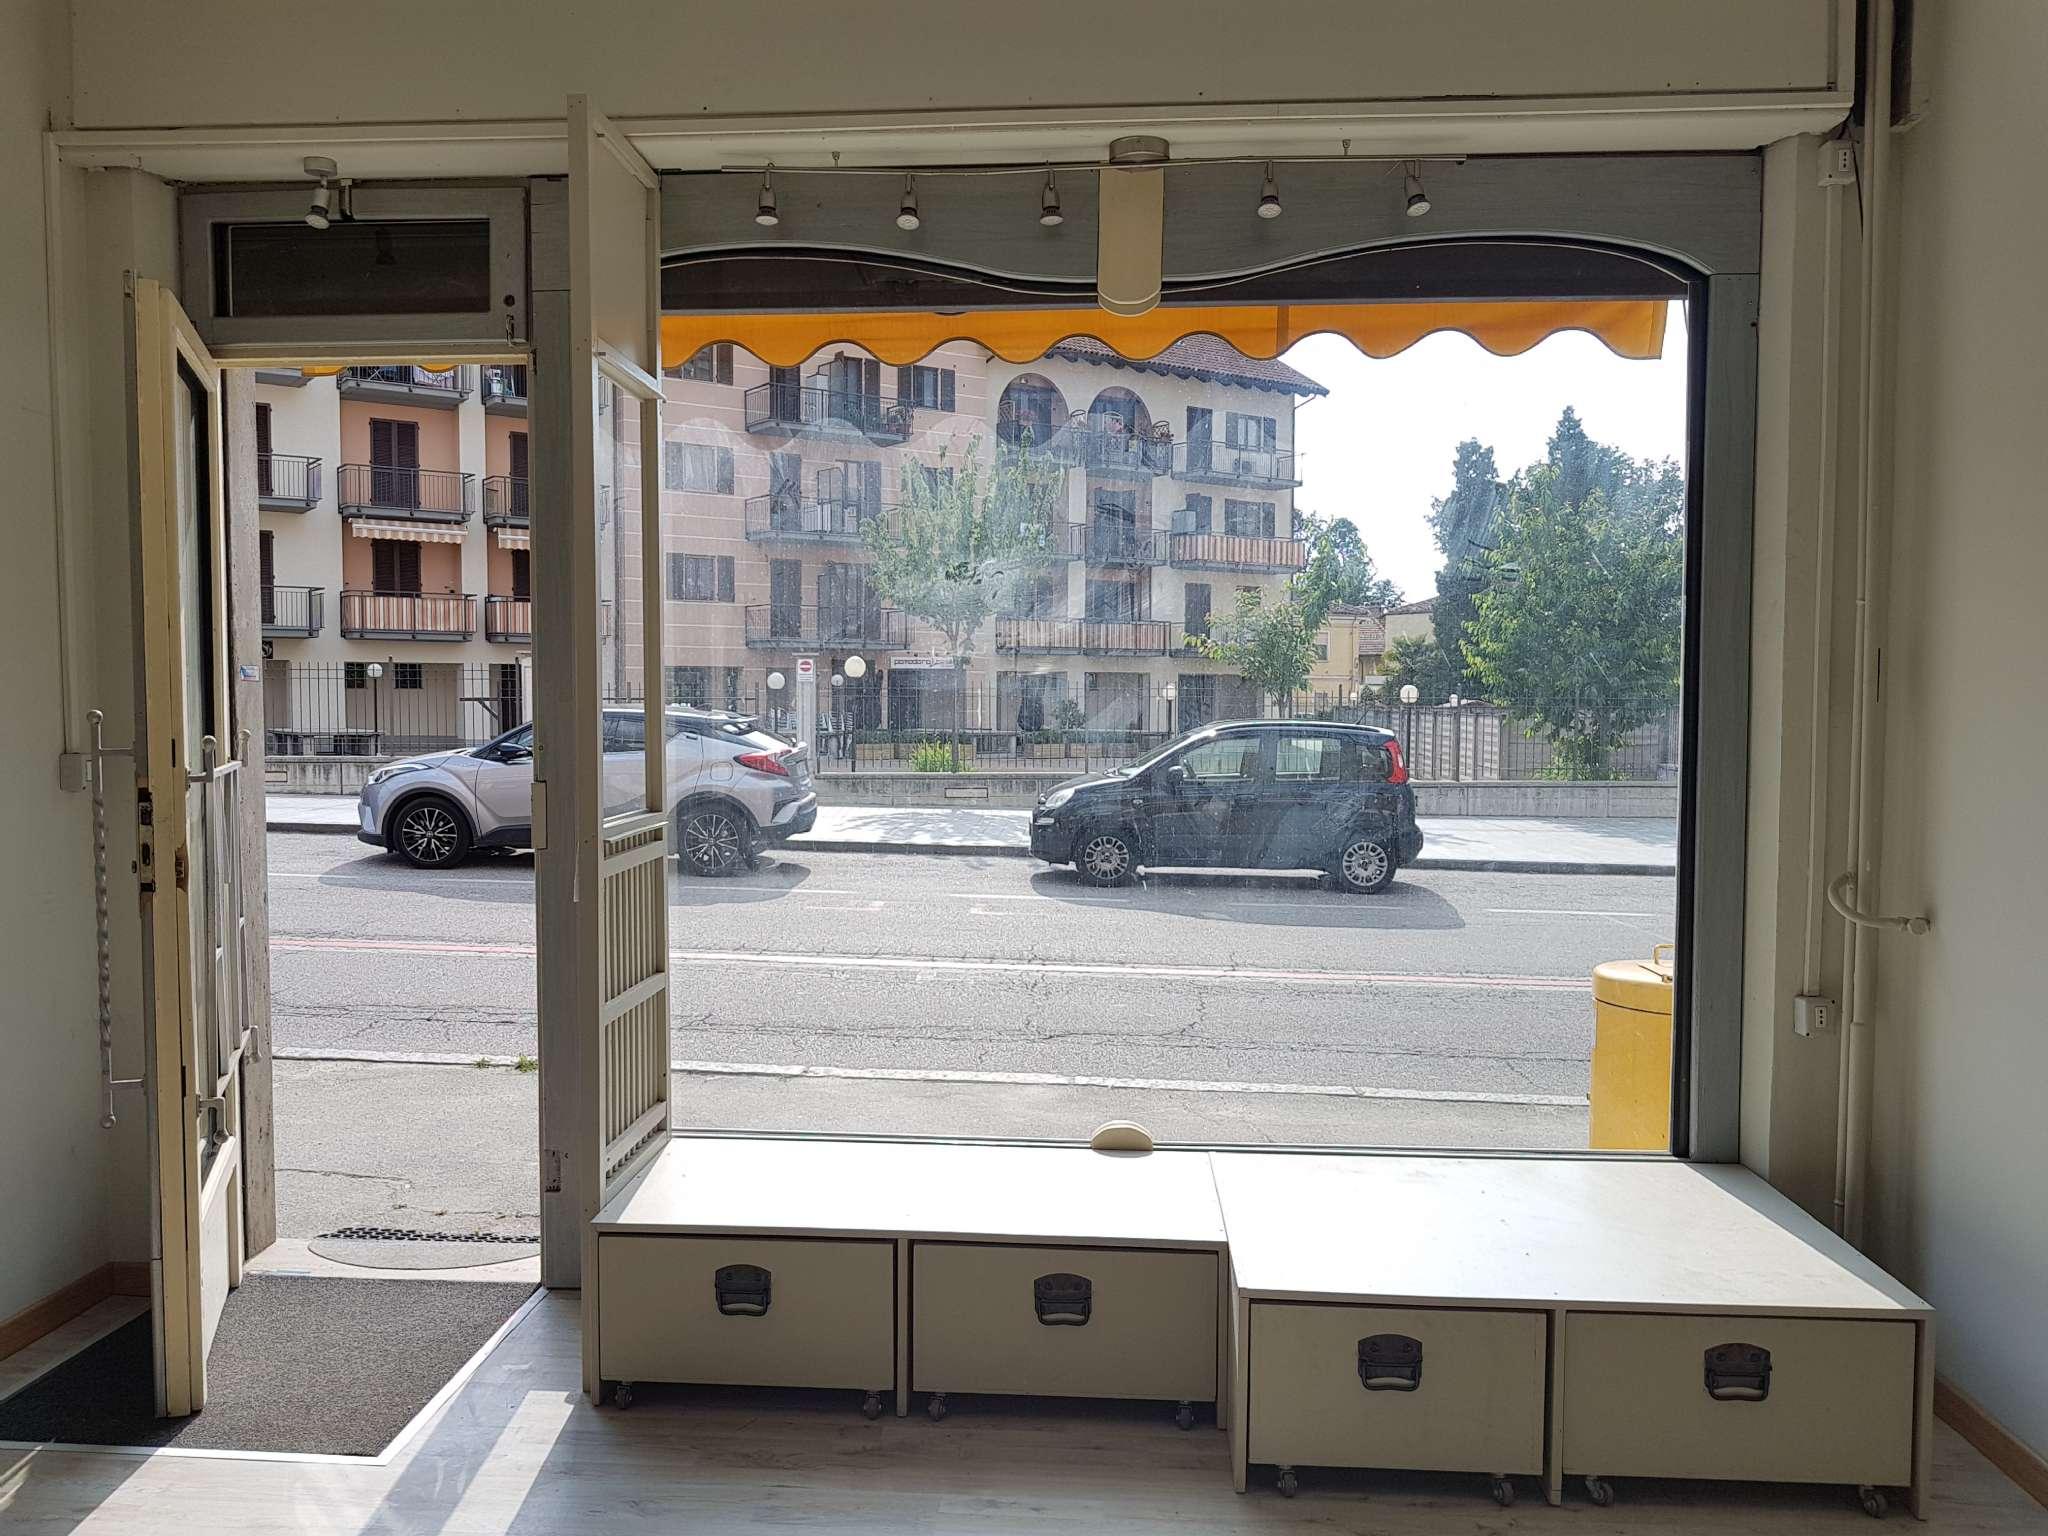 Negozio / Locale in vendita a La Loggia, 1 locali, prezzo € 51.000 | PortaleAgenzieImmobiliari.it